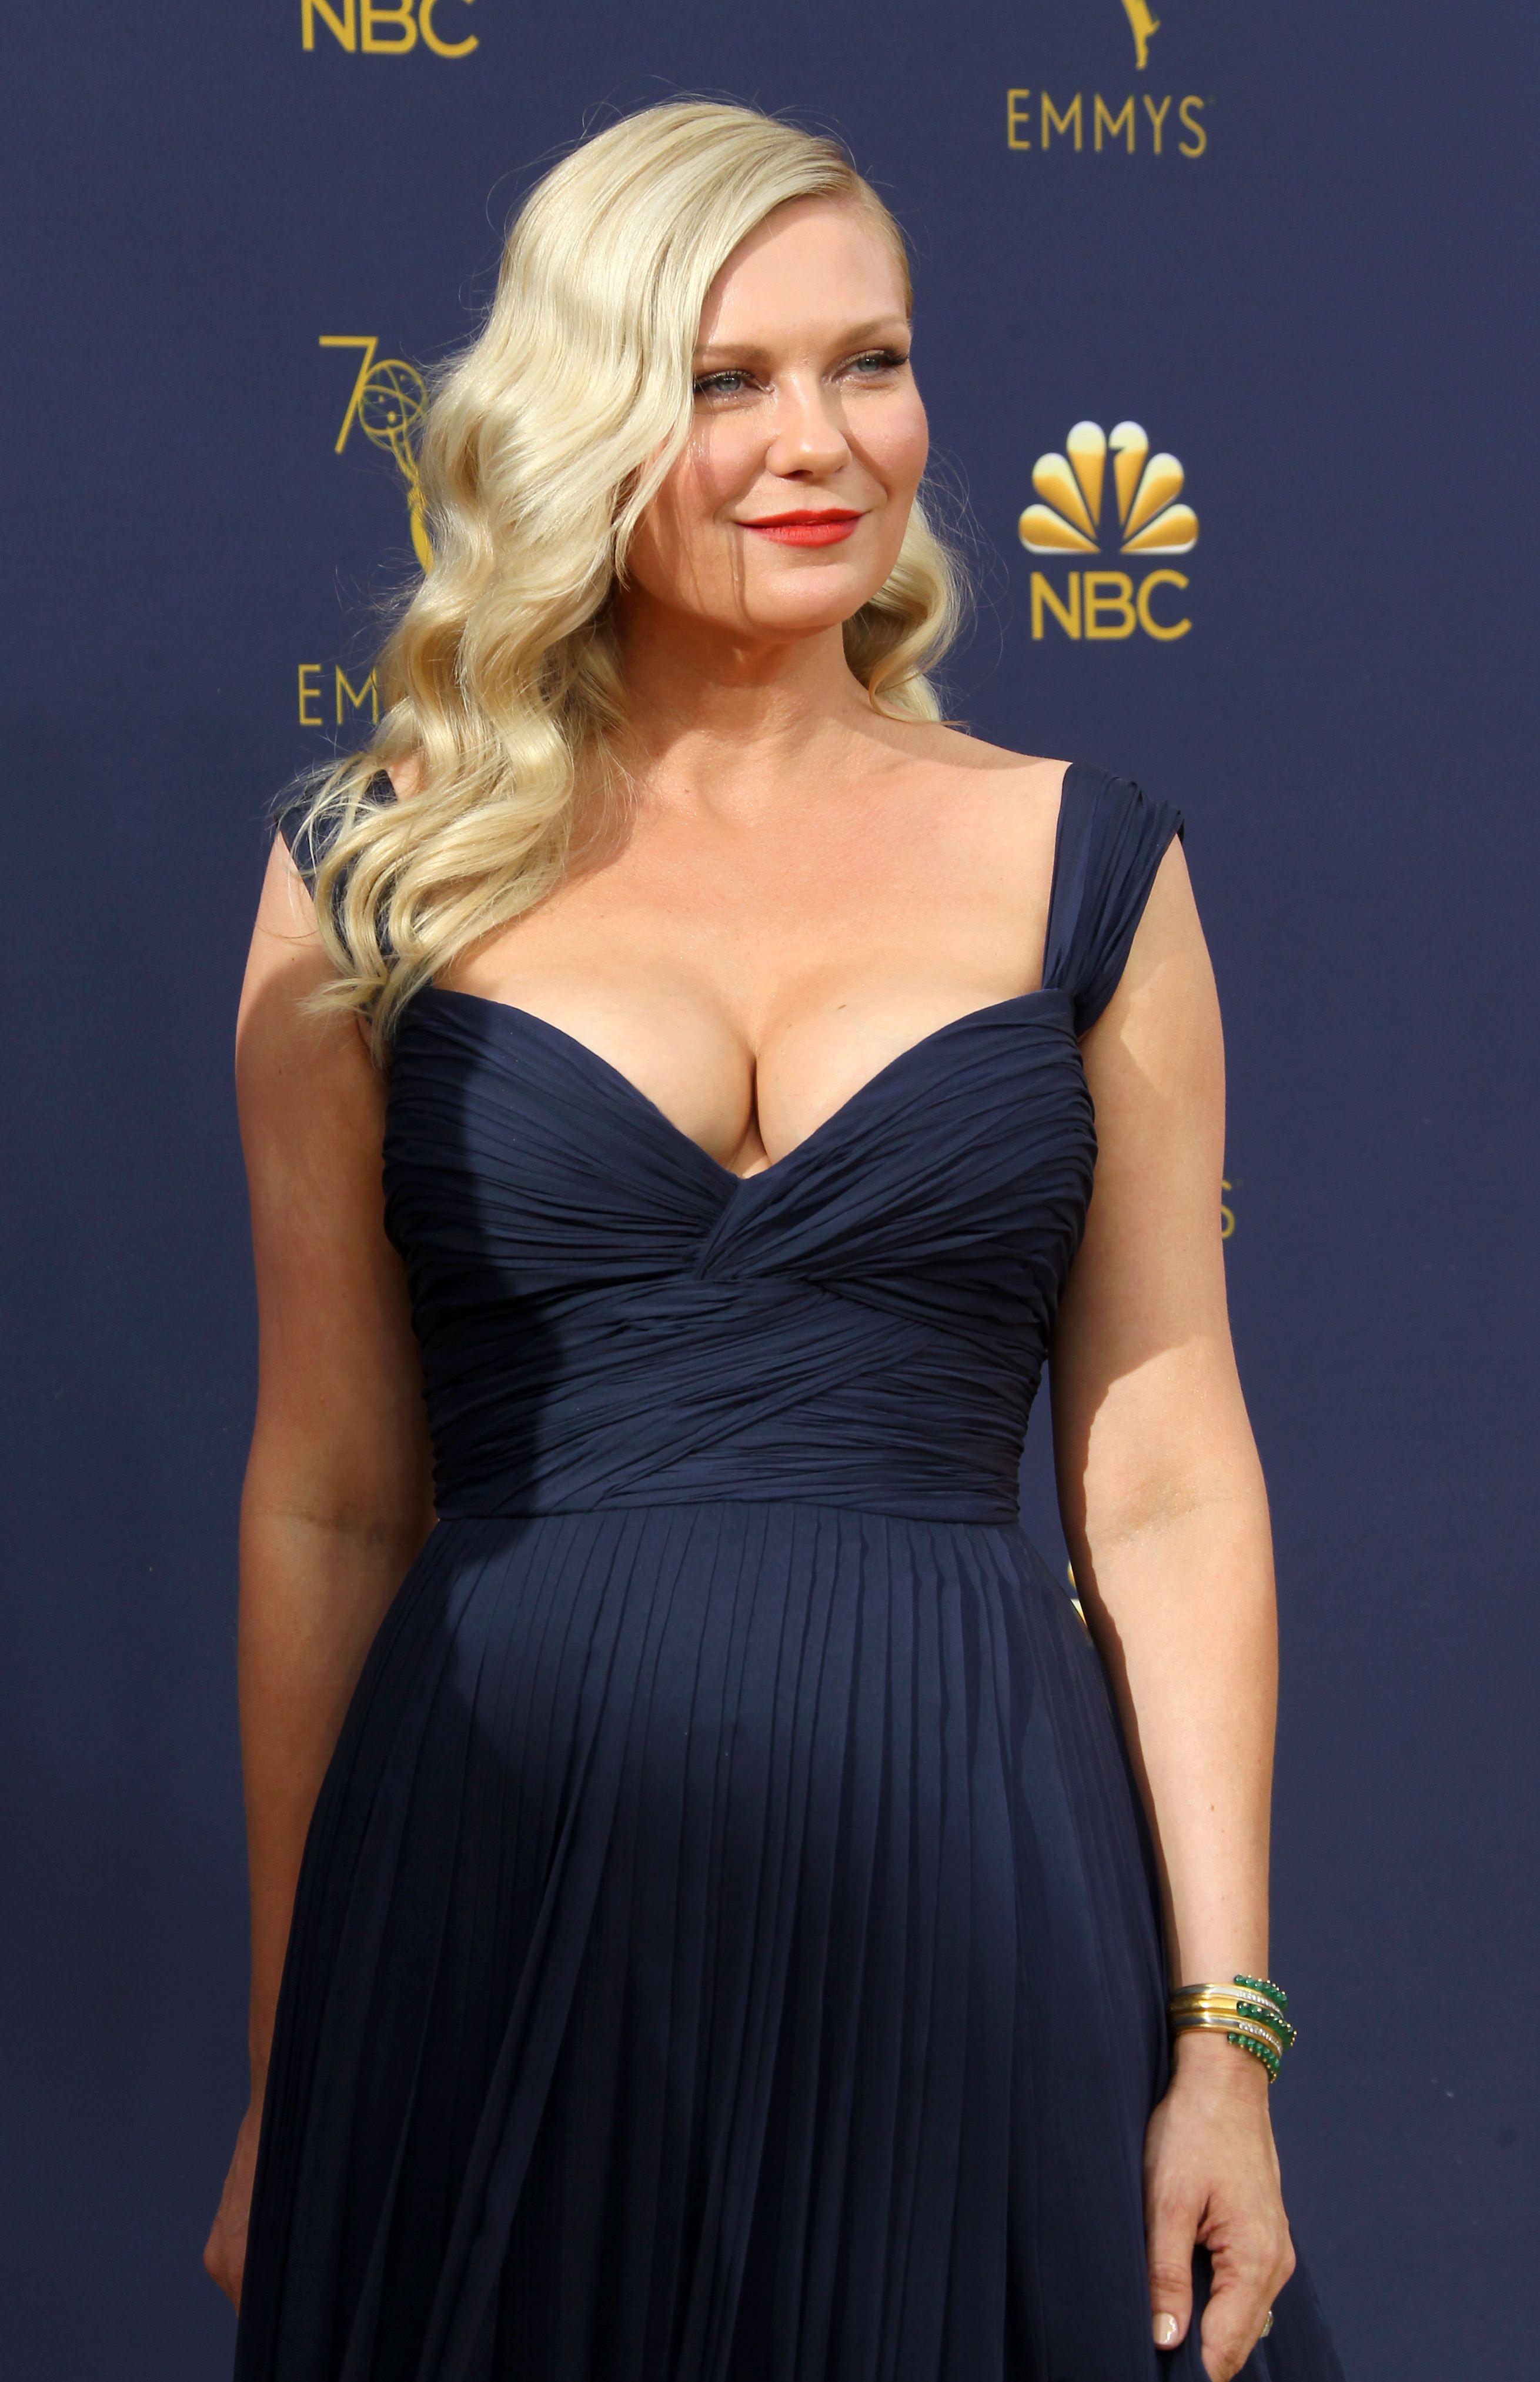 Kirsten Dunst | Kirsten dunst, Beautiful celebrities, Celebs